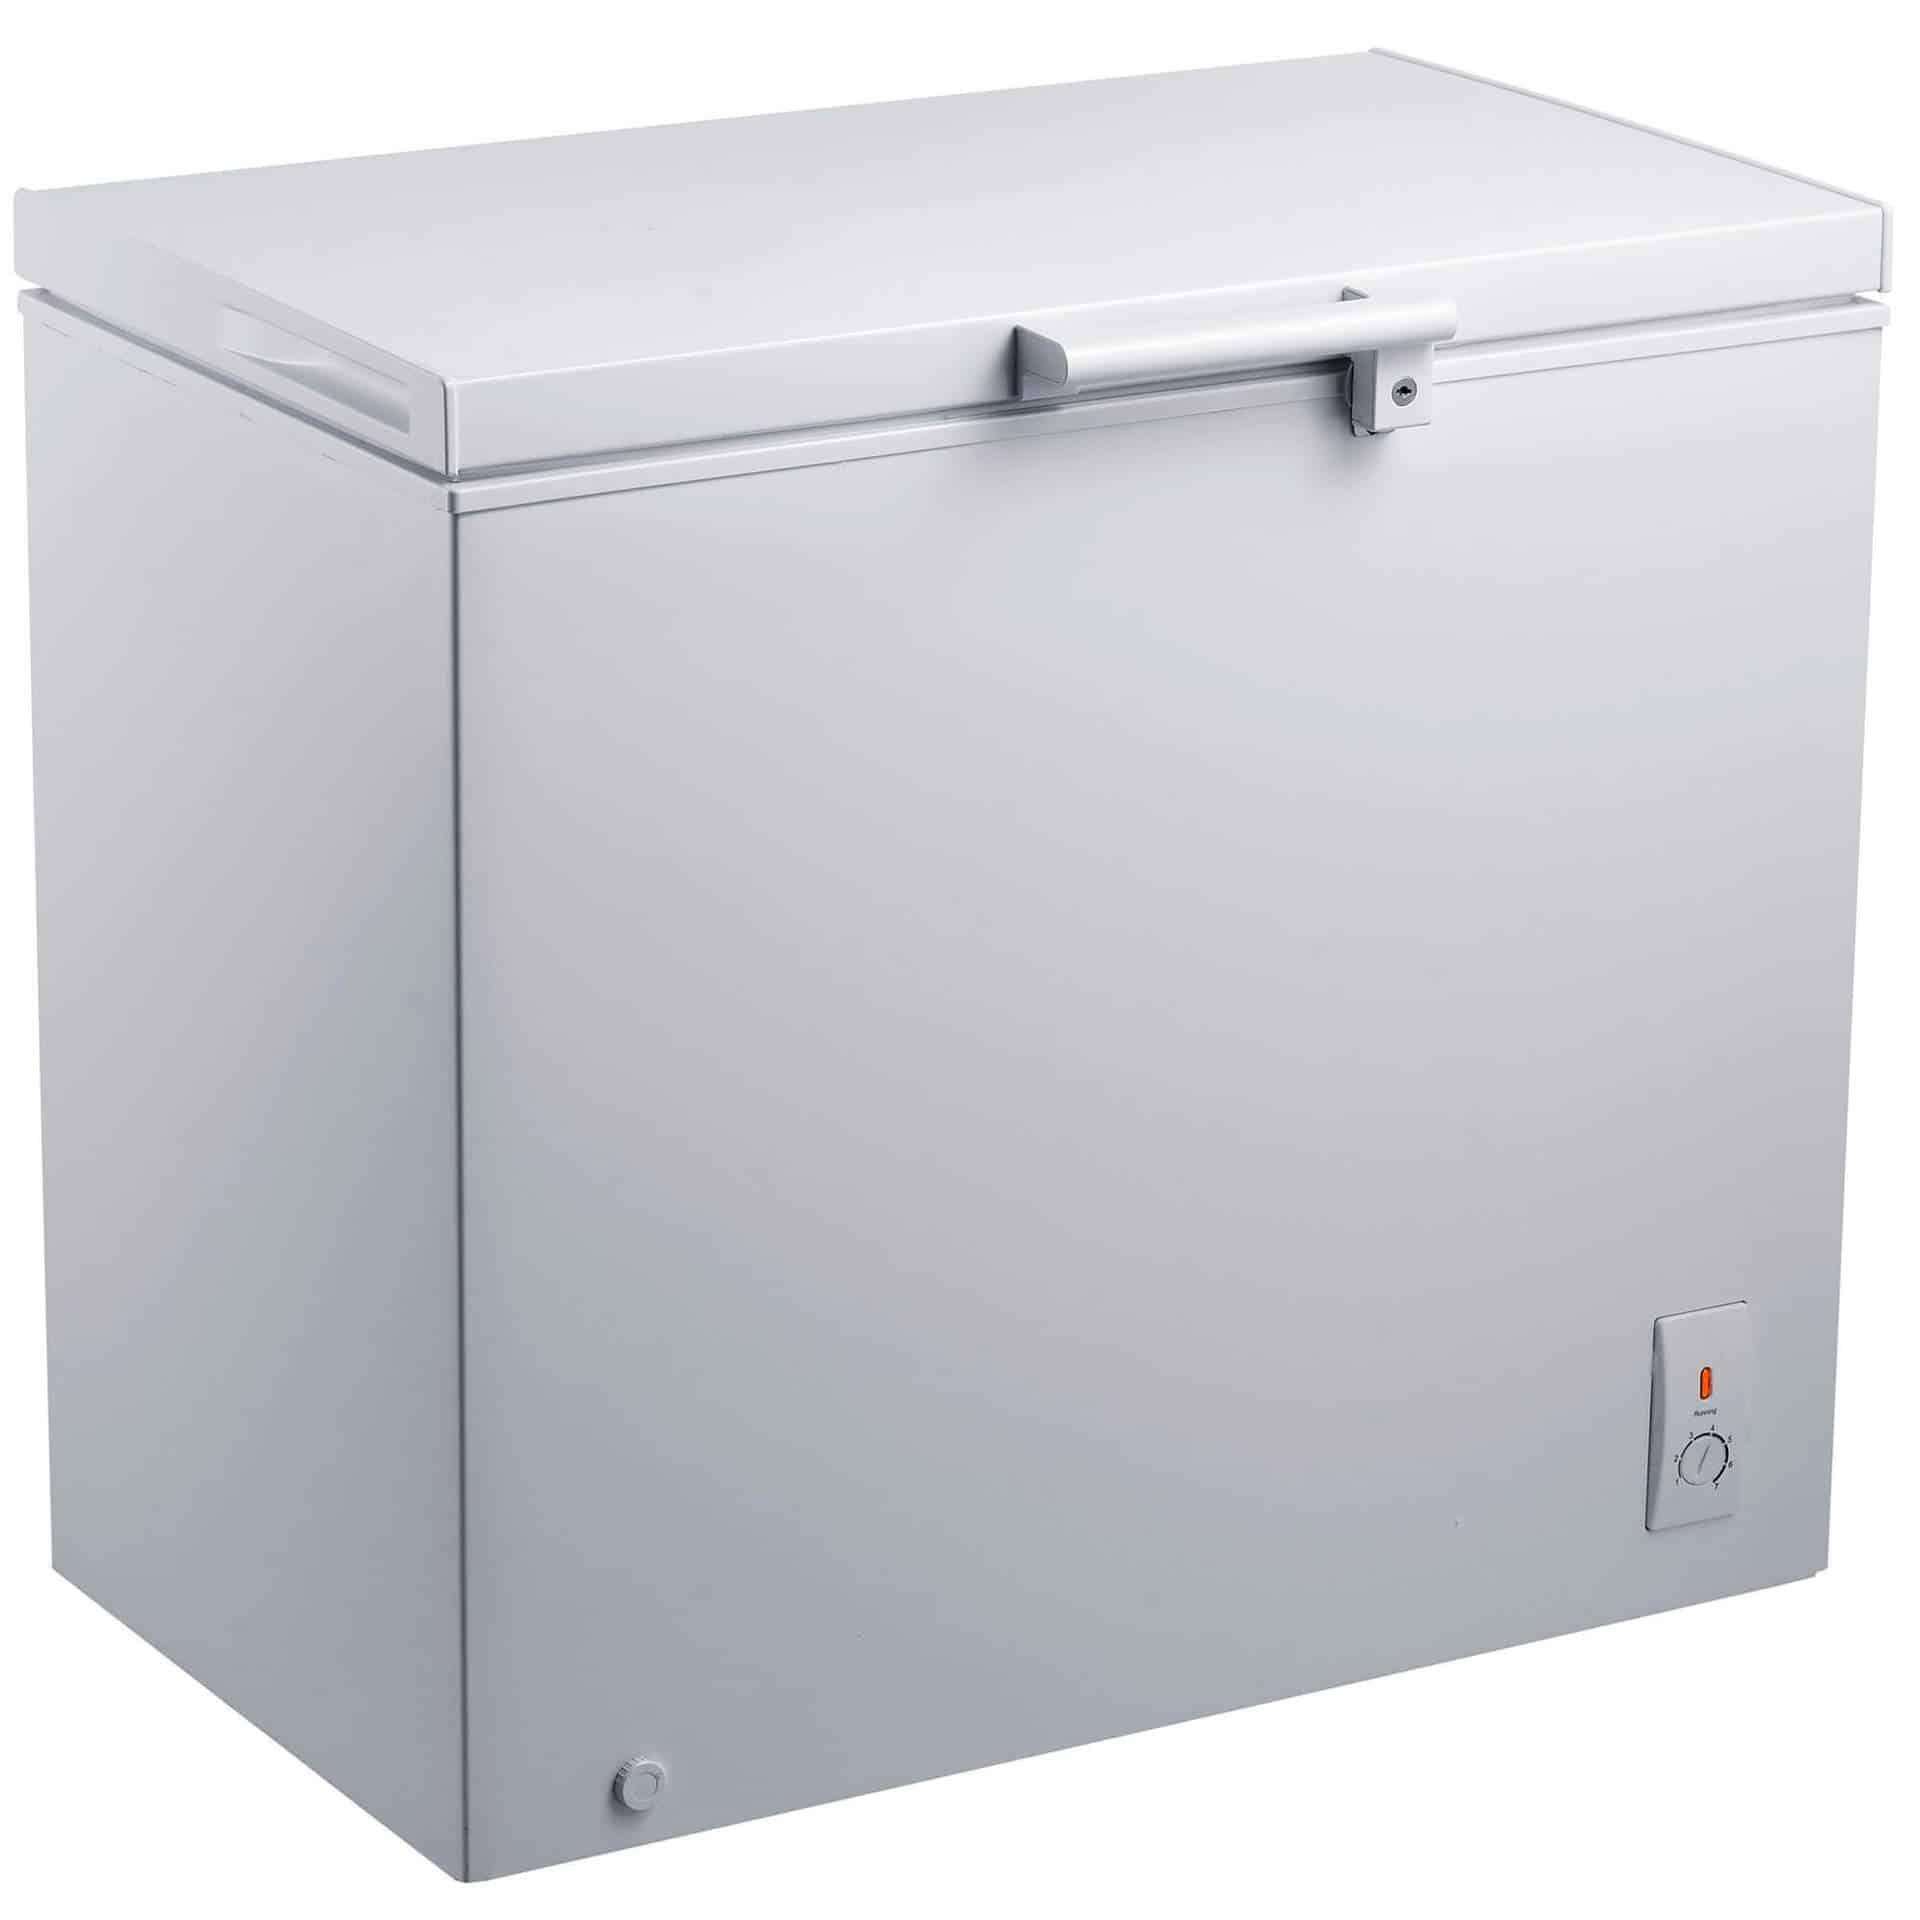 Lada frigorifica Vision Chef VCRL-200, 200 l, Clasa A+